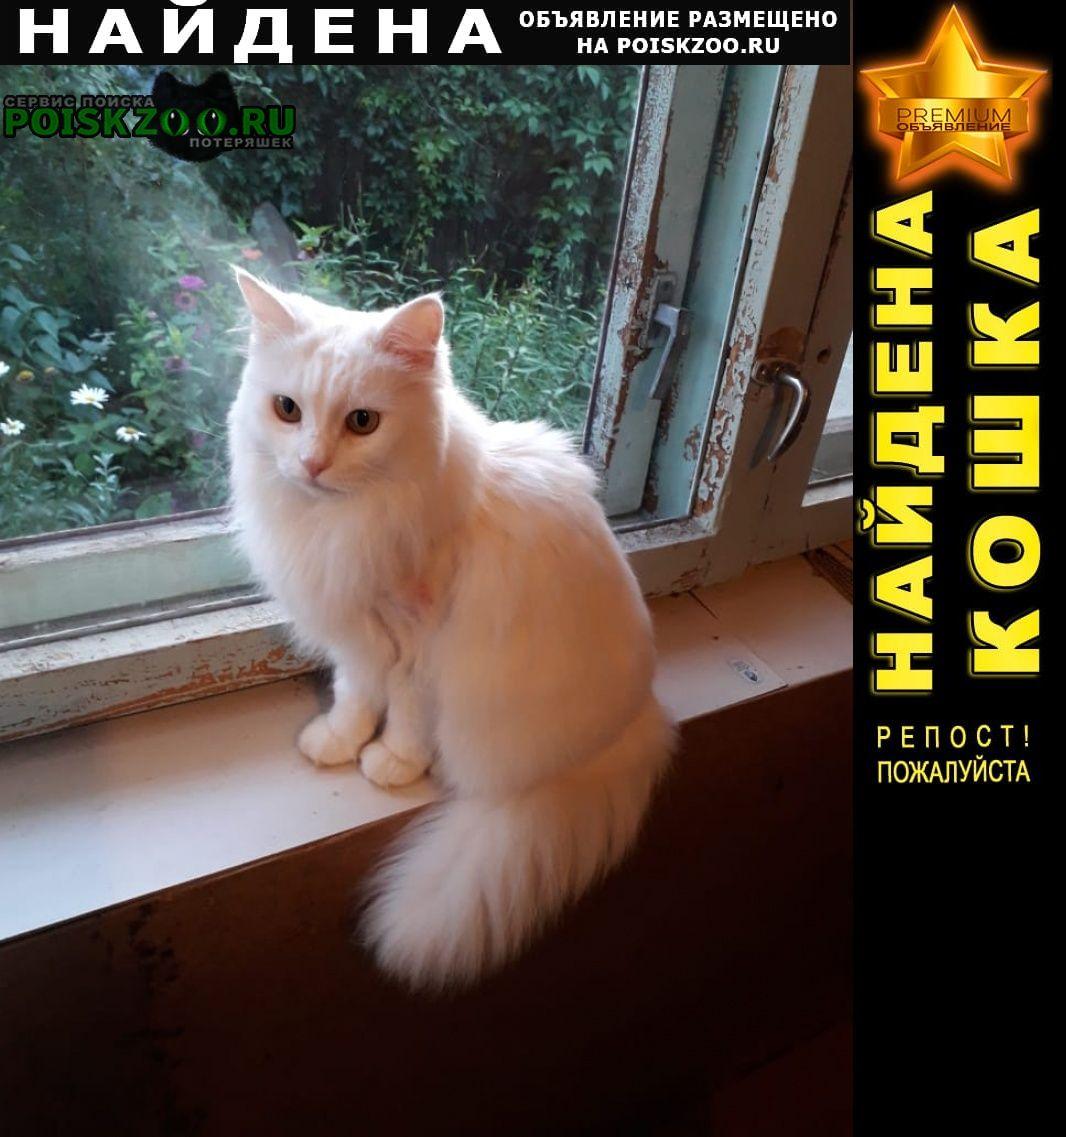 Найдена кошка белая  в лесу Екатеринбург